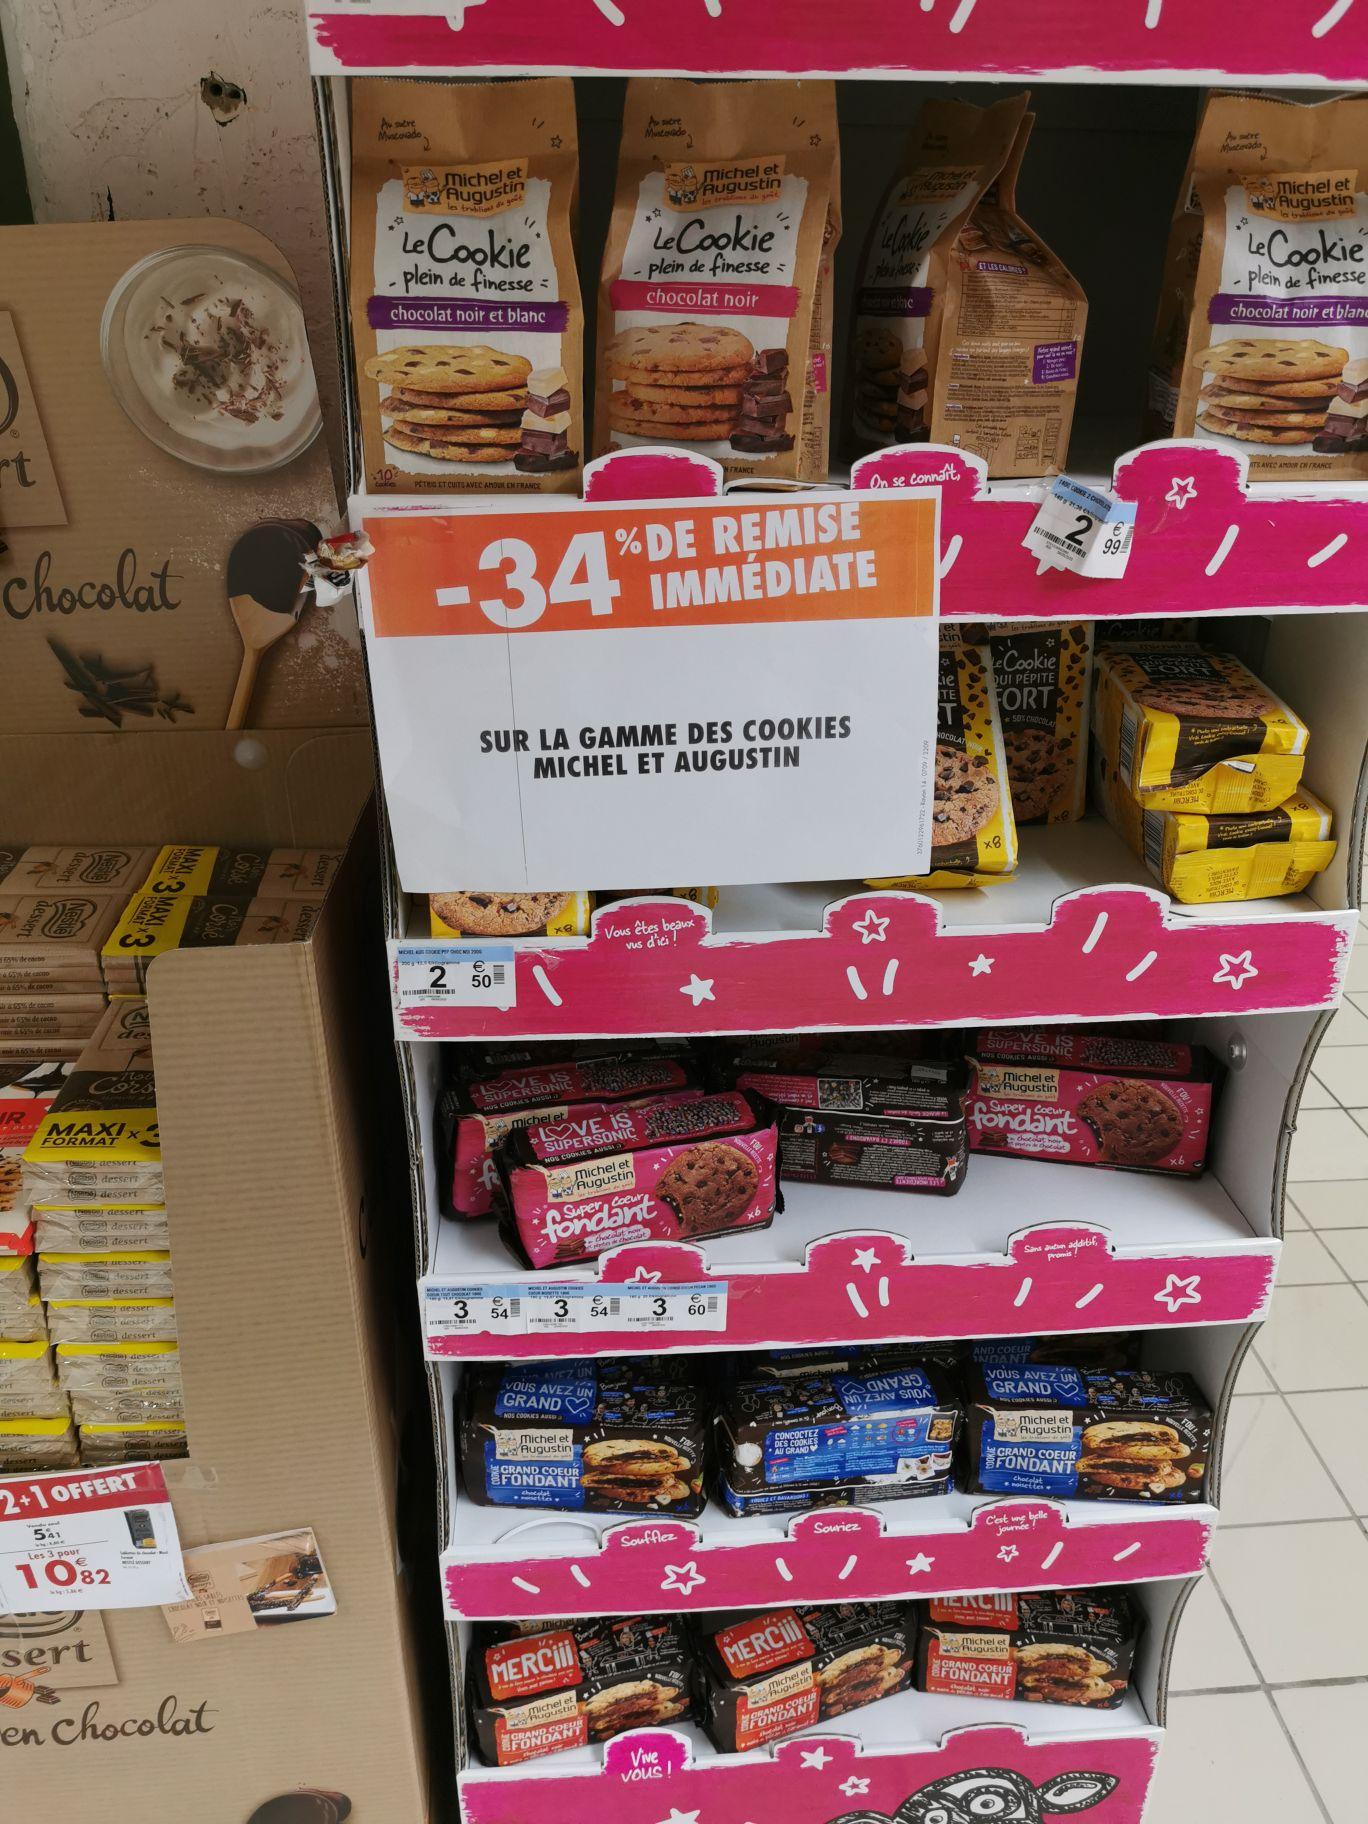 Sélection de produits Michel et Augustin - Ex : Lot de 2 Paquets de 6 Cookies Fondants Michel et Augustin - 2 x 180 g (Via Shopmium)